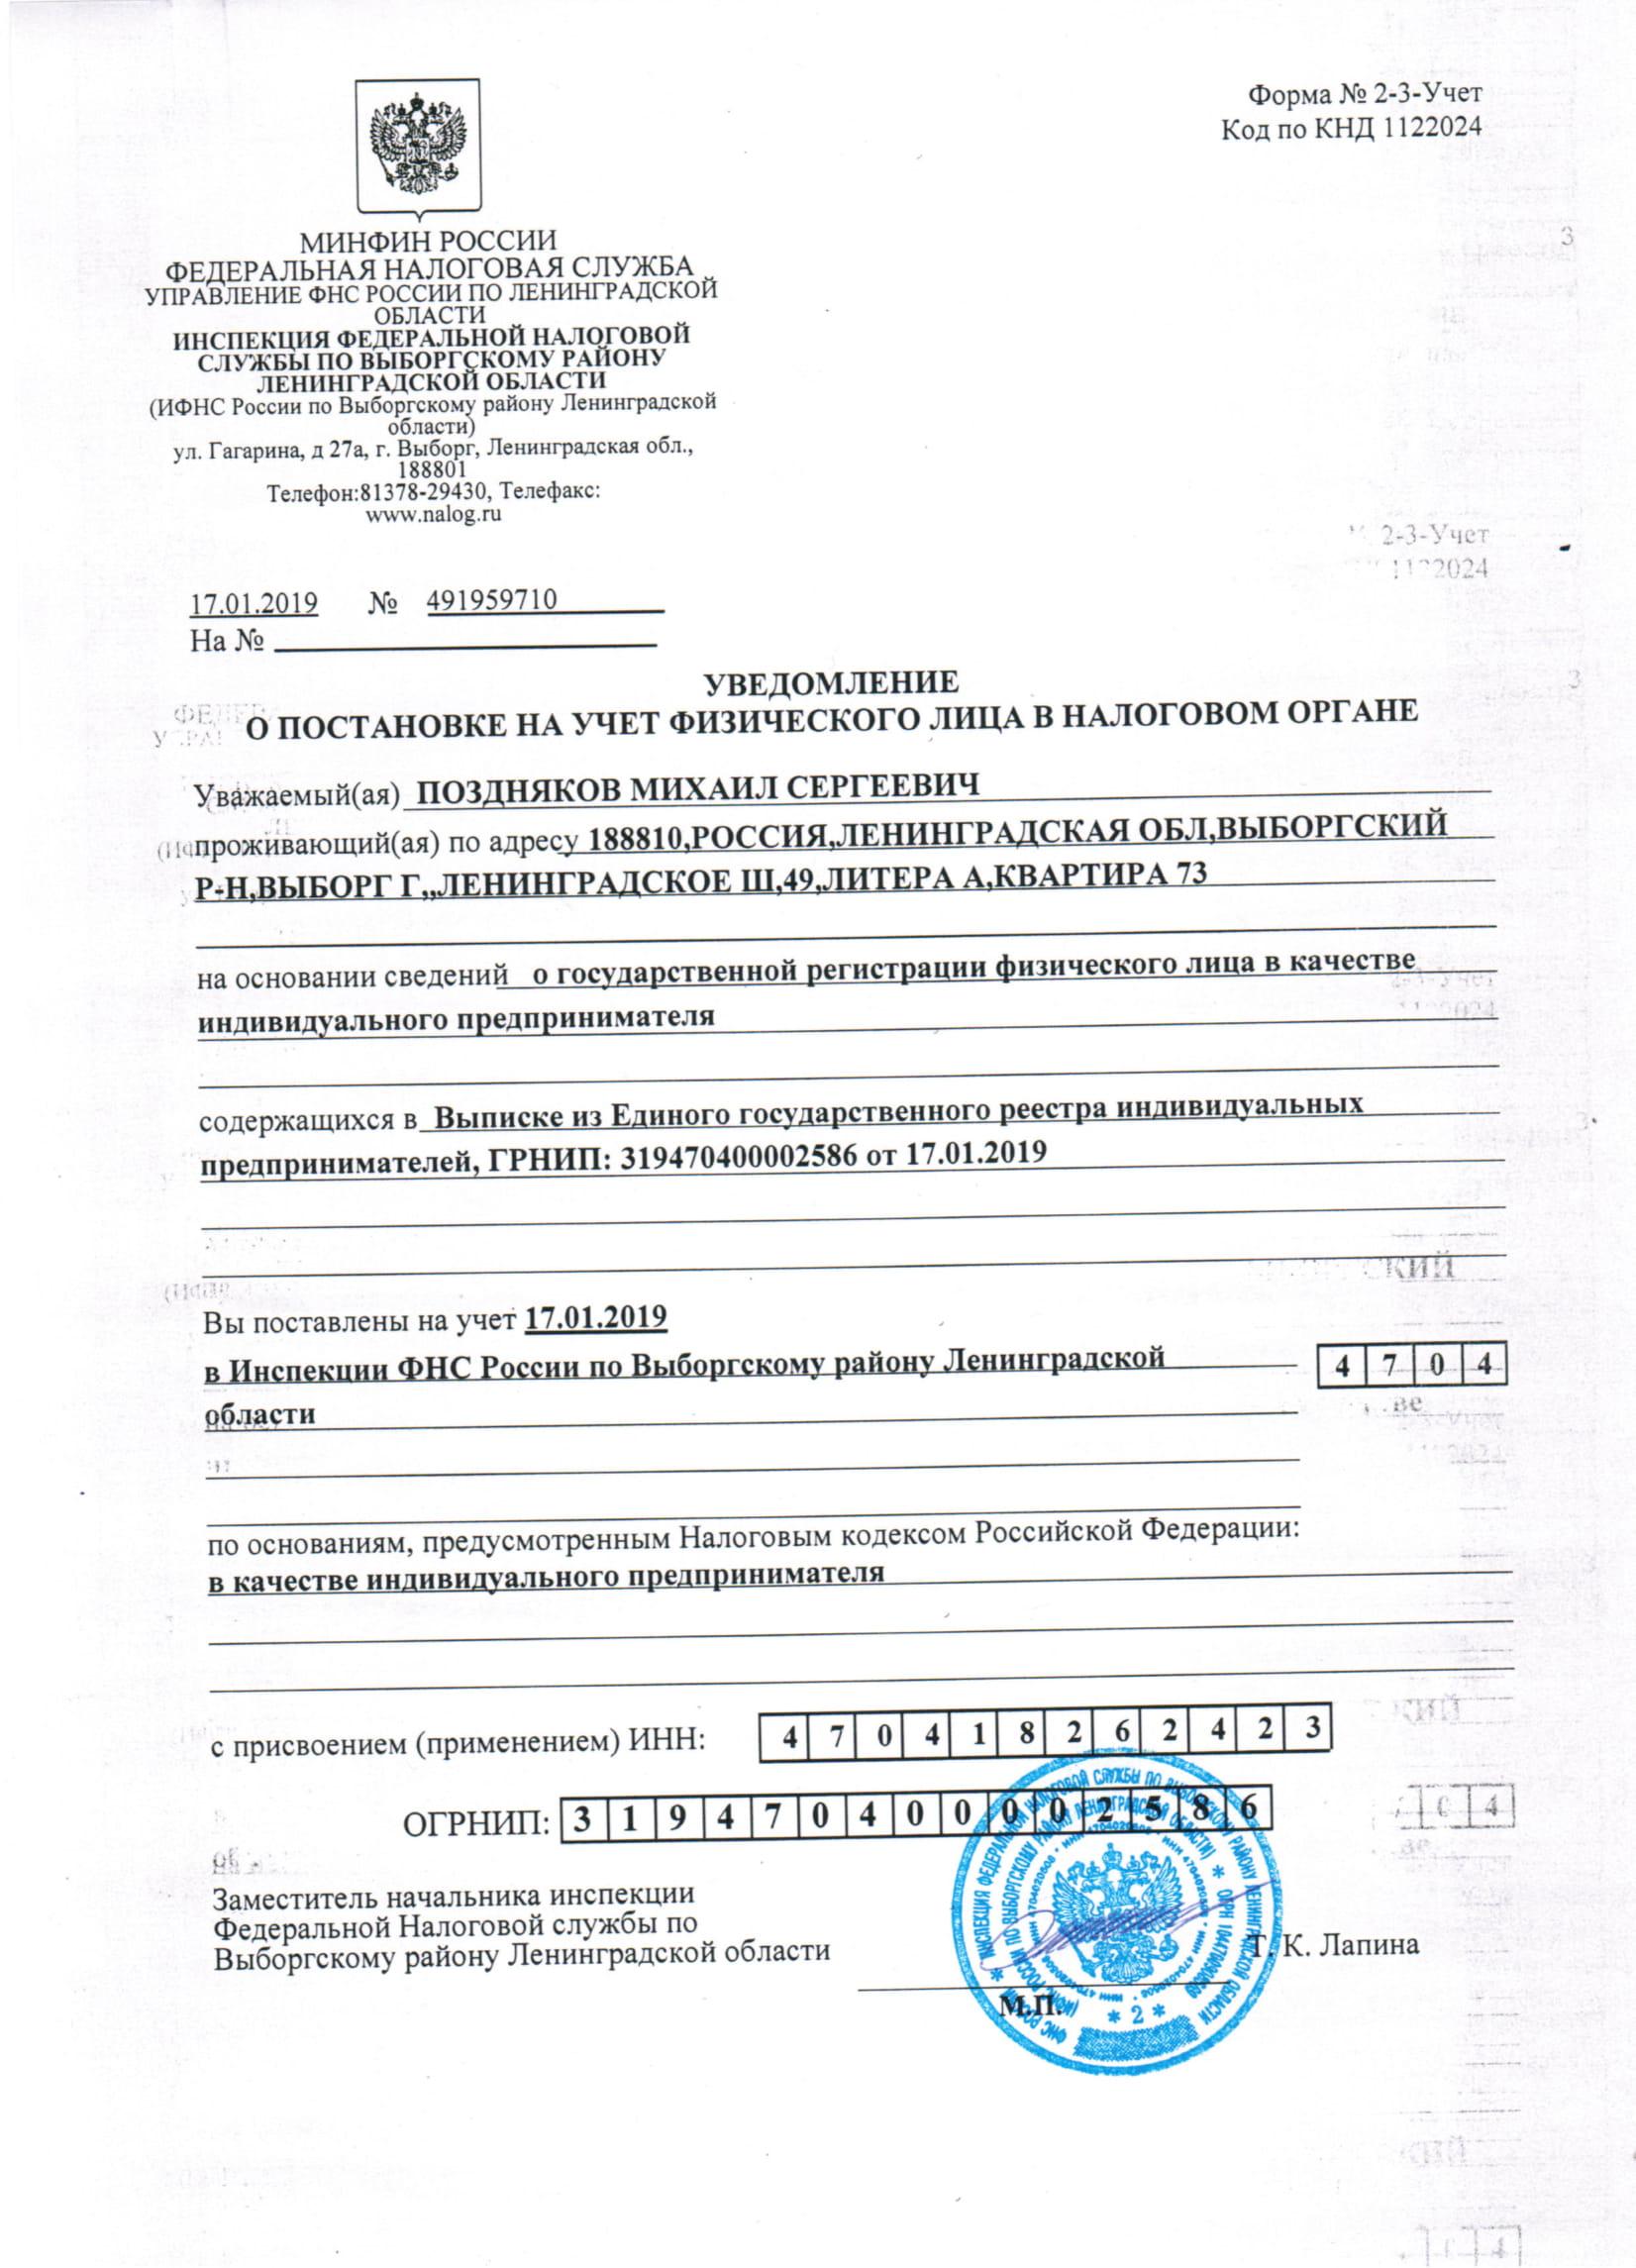 ОГРН Поздняков Михаил Сергеевич